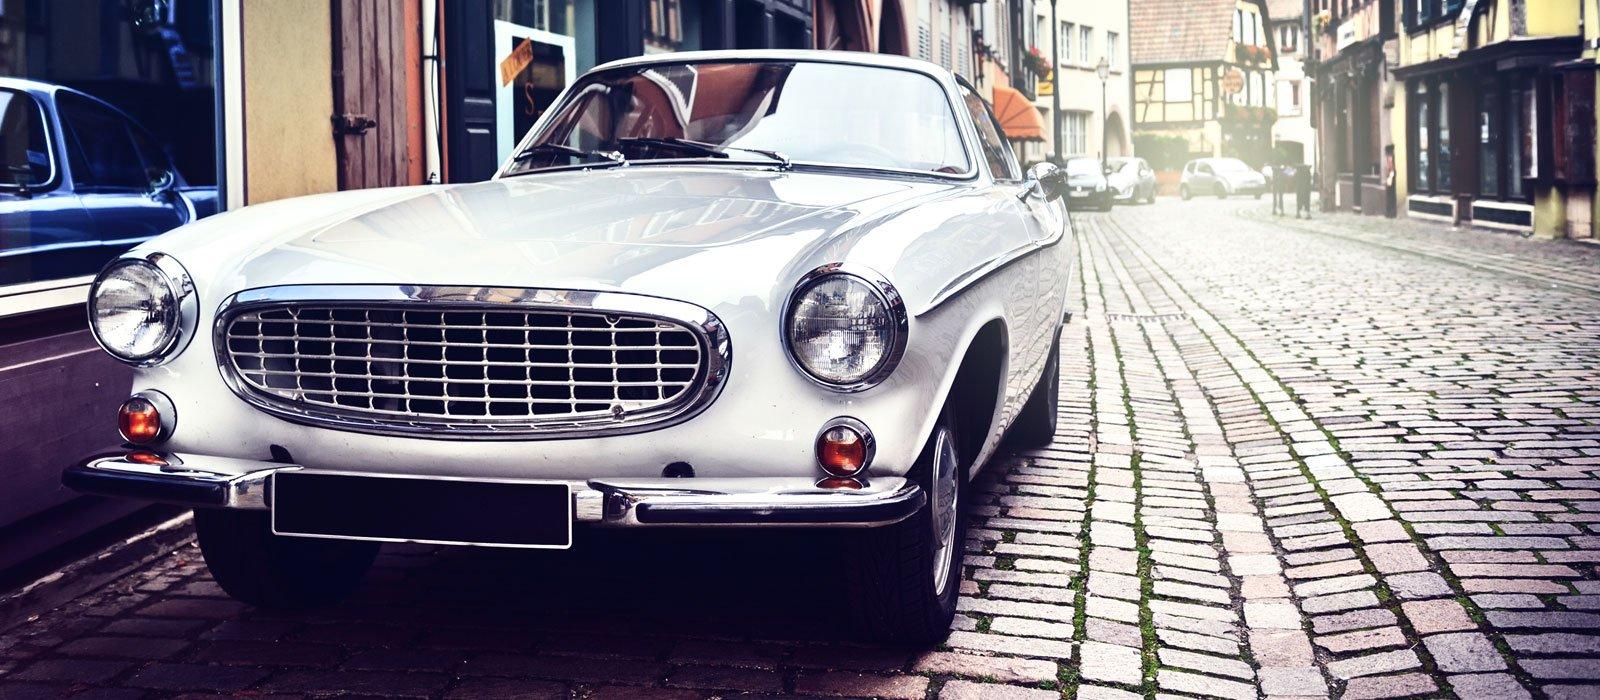 auto d'epoca parcheggiata in città